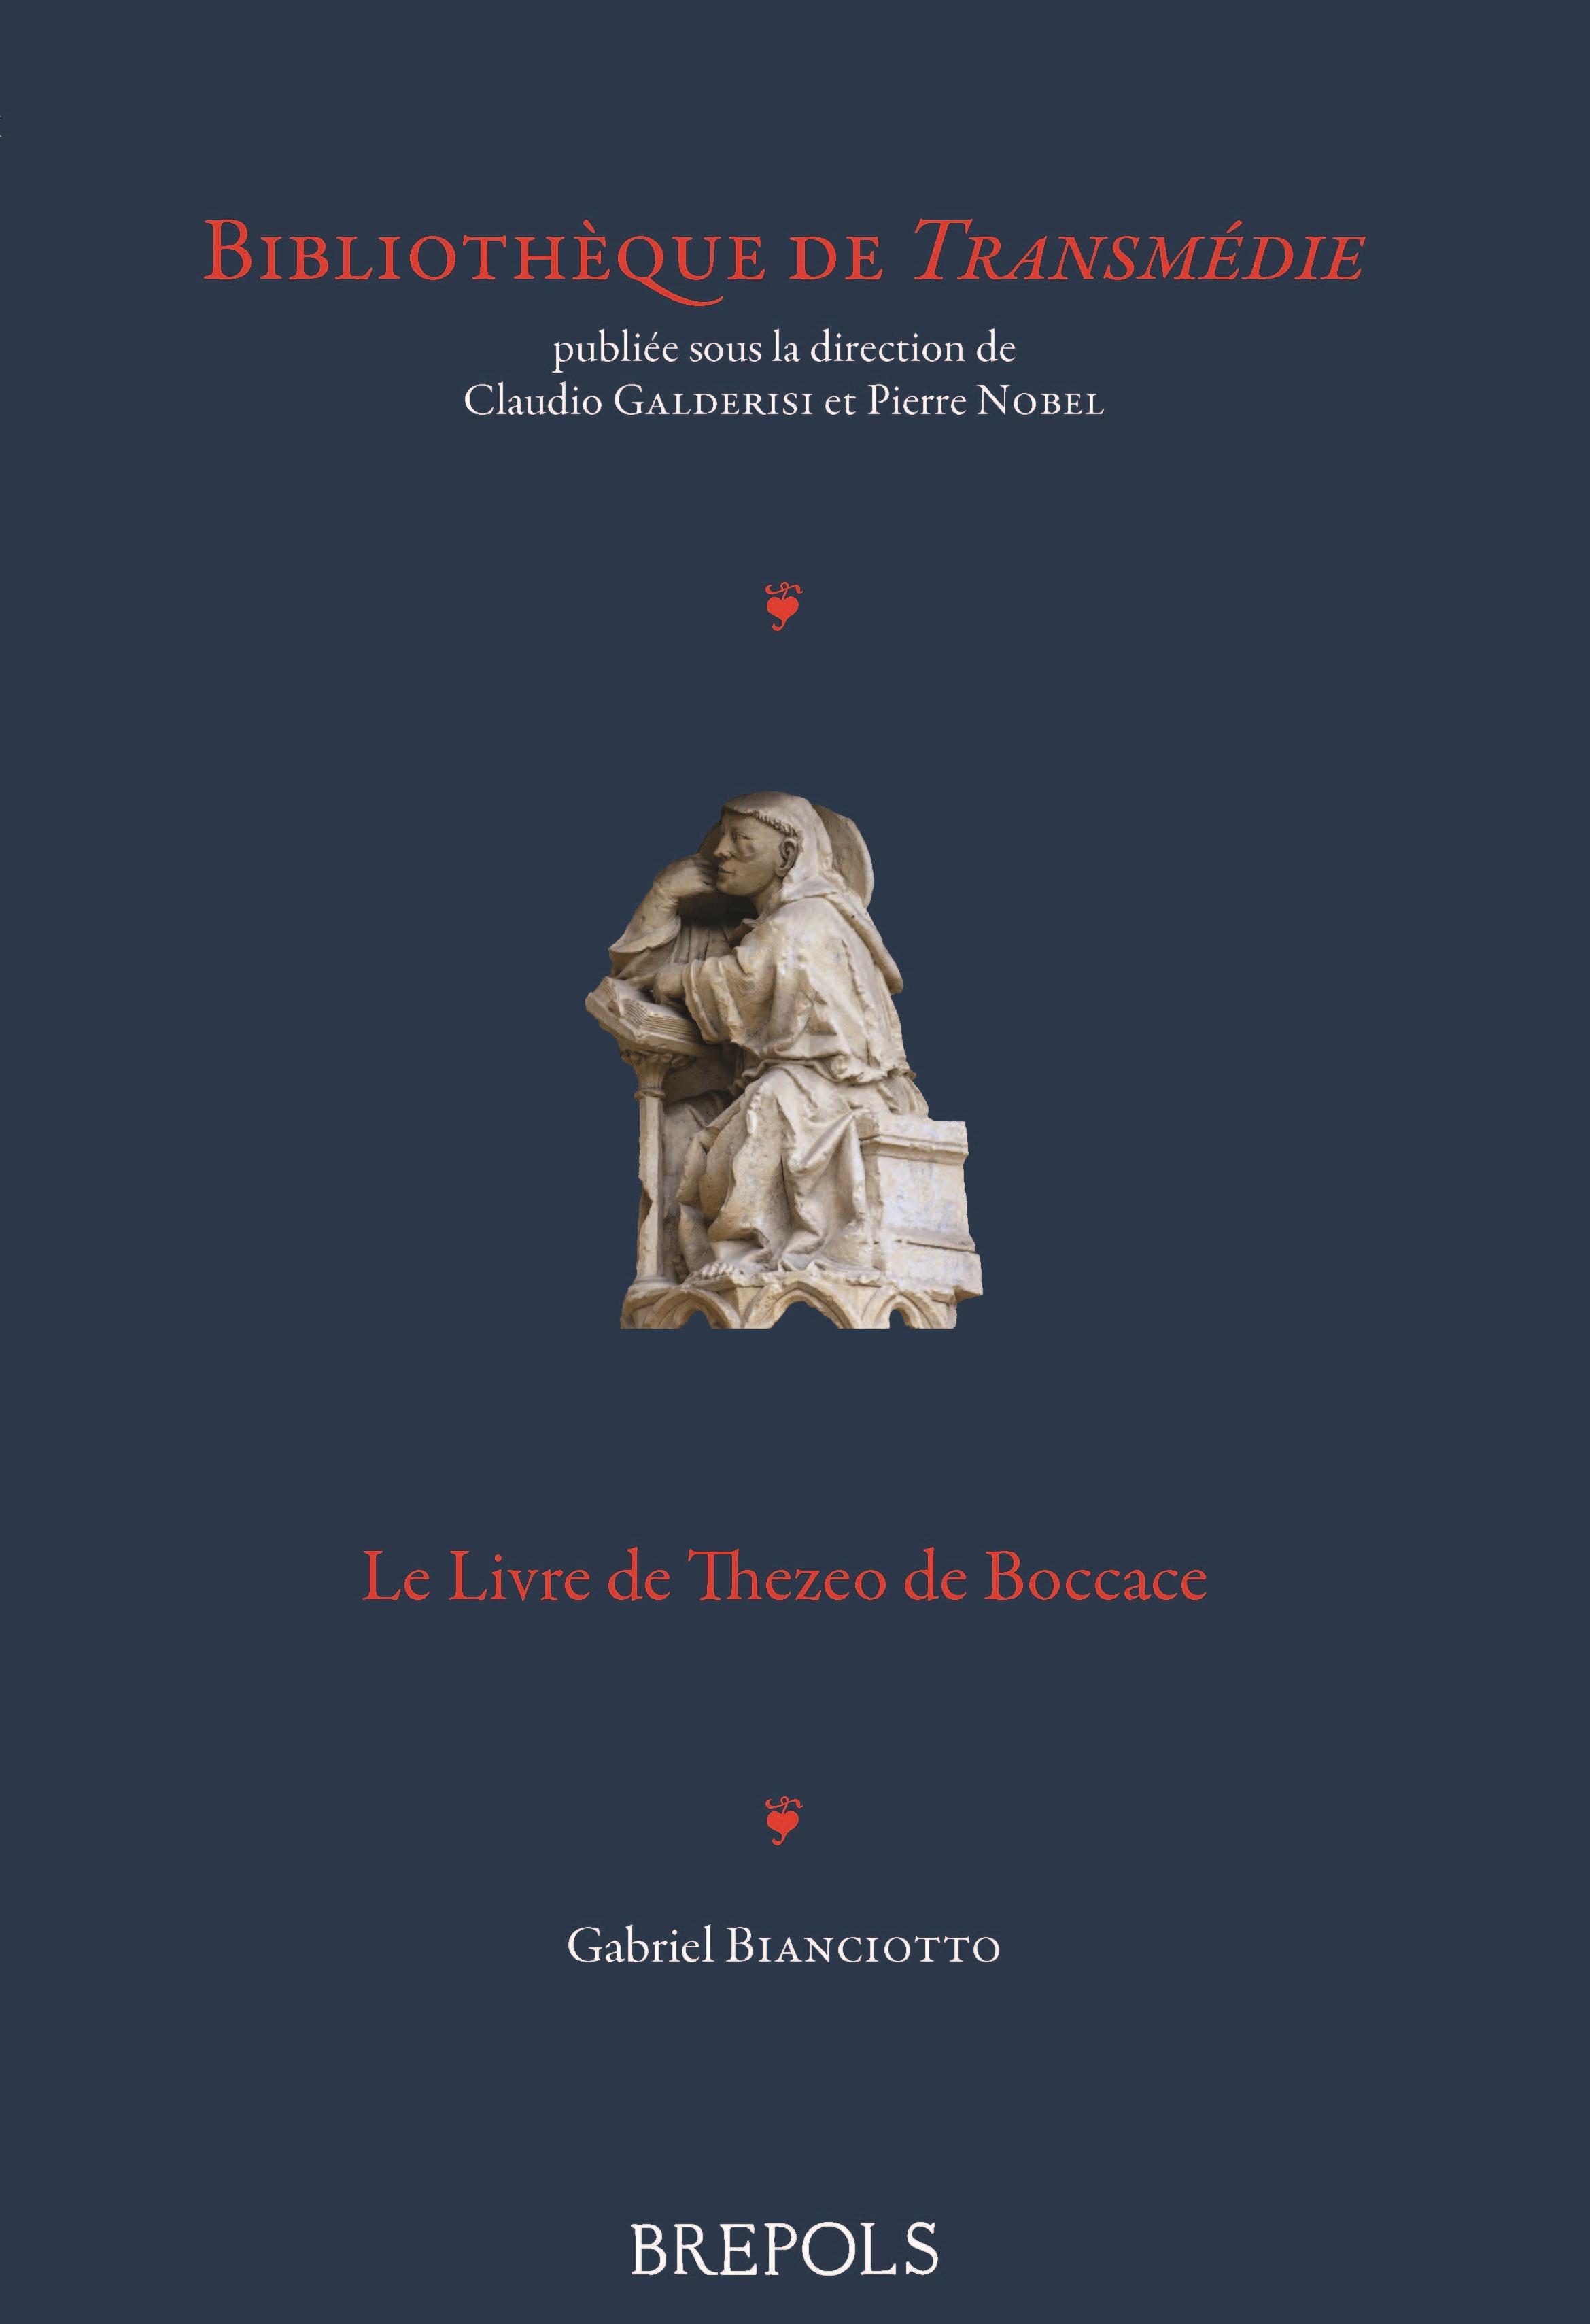 G. Bianciotto, Le Livre de Thezeo de Boccace